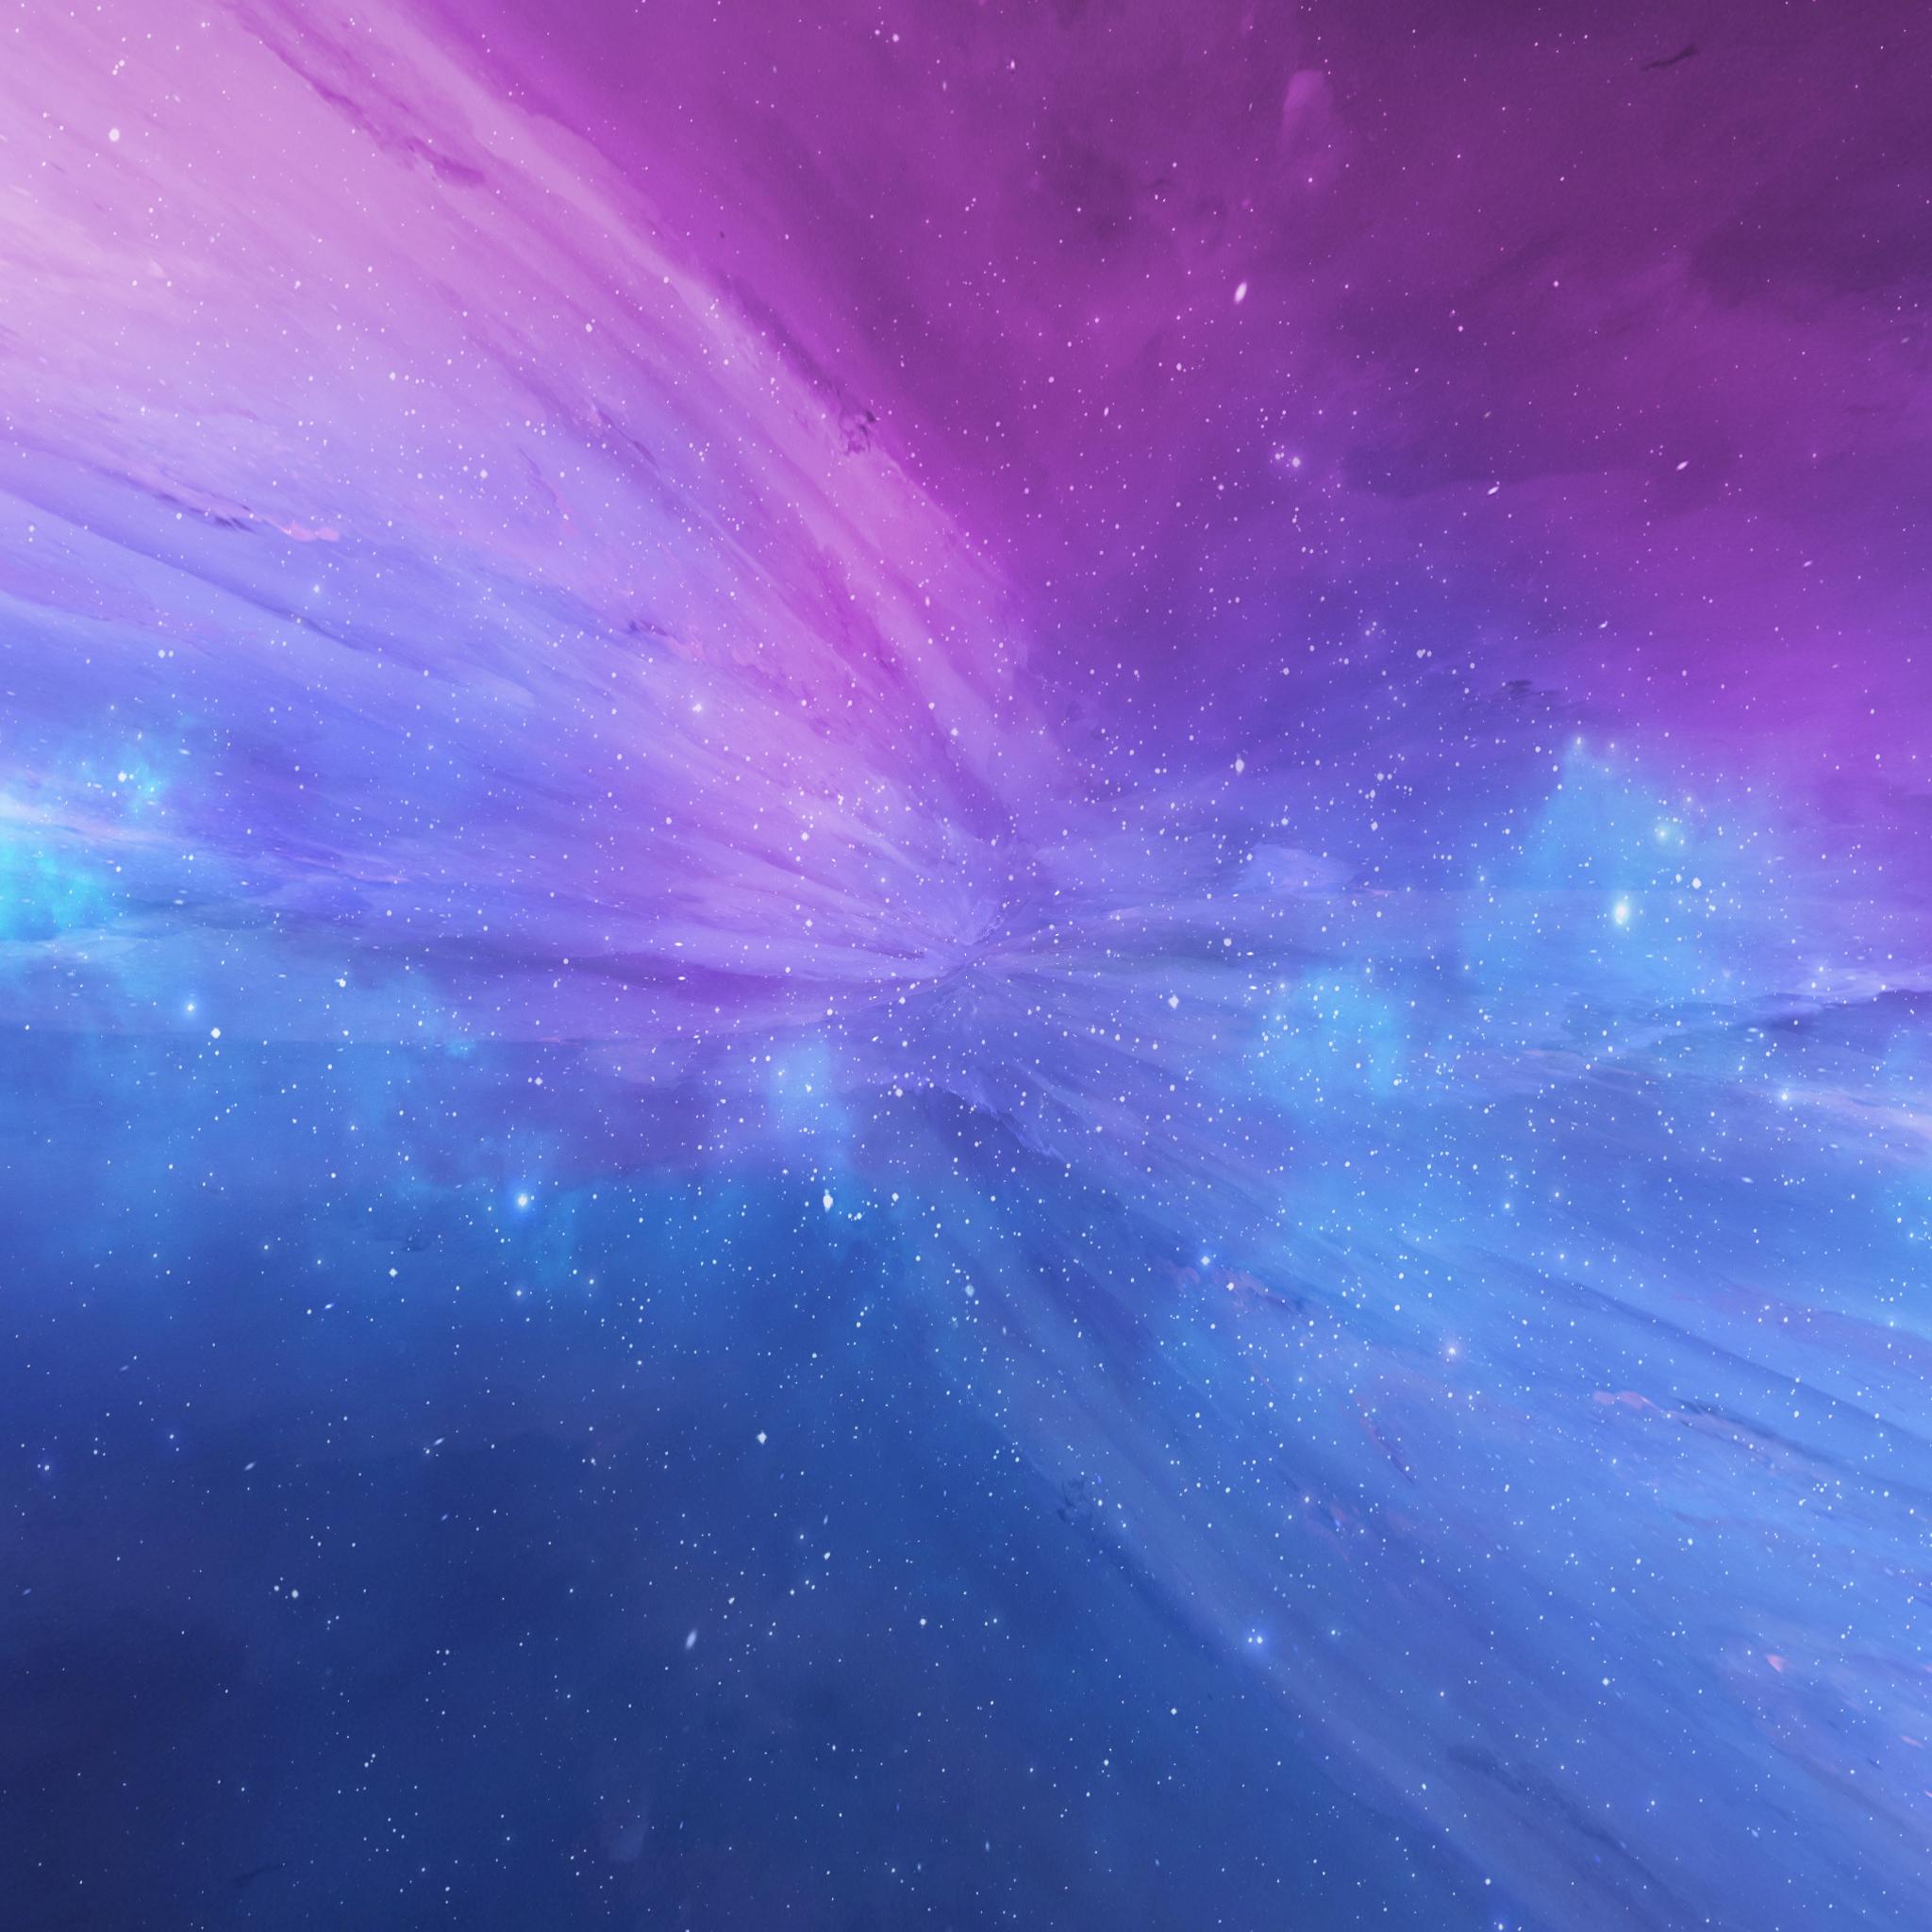 spaced out indigo